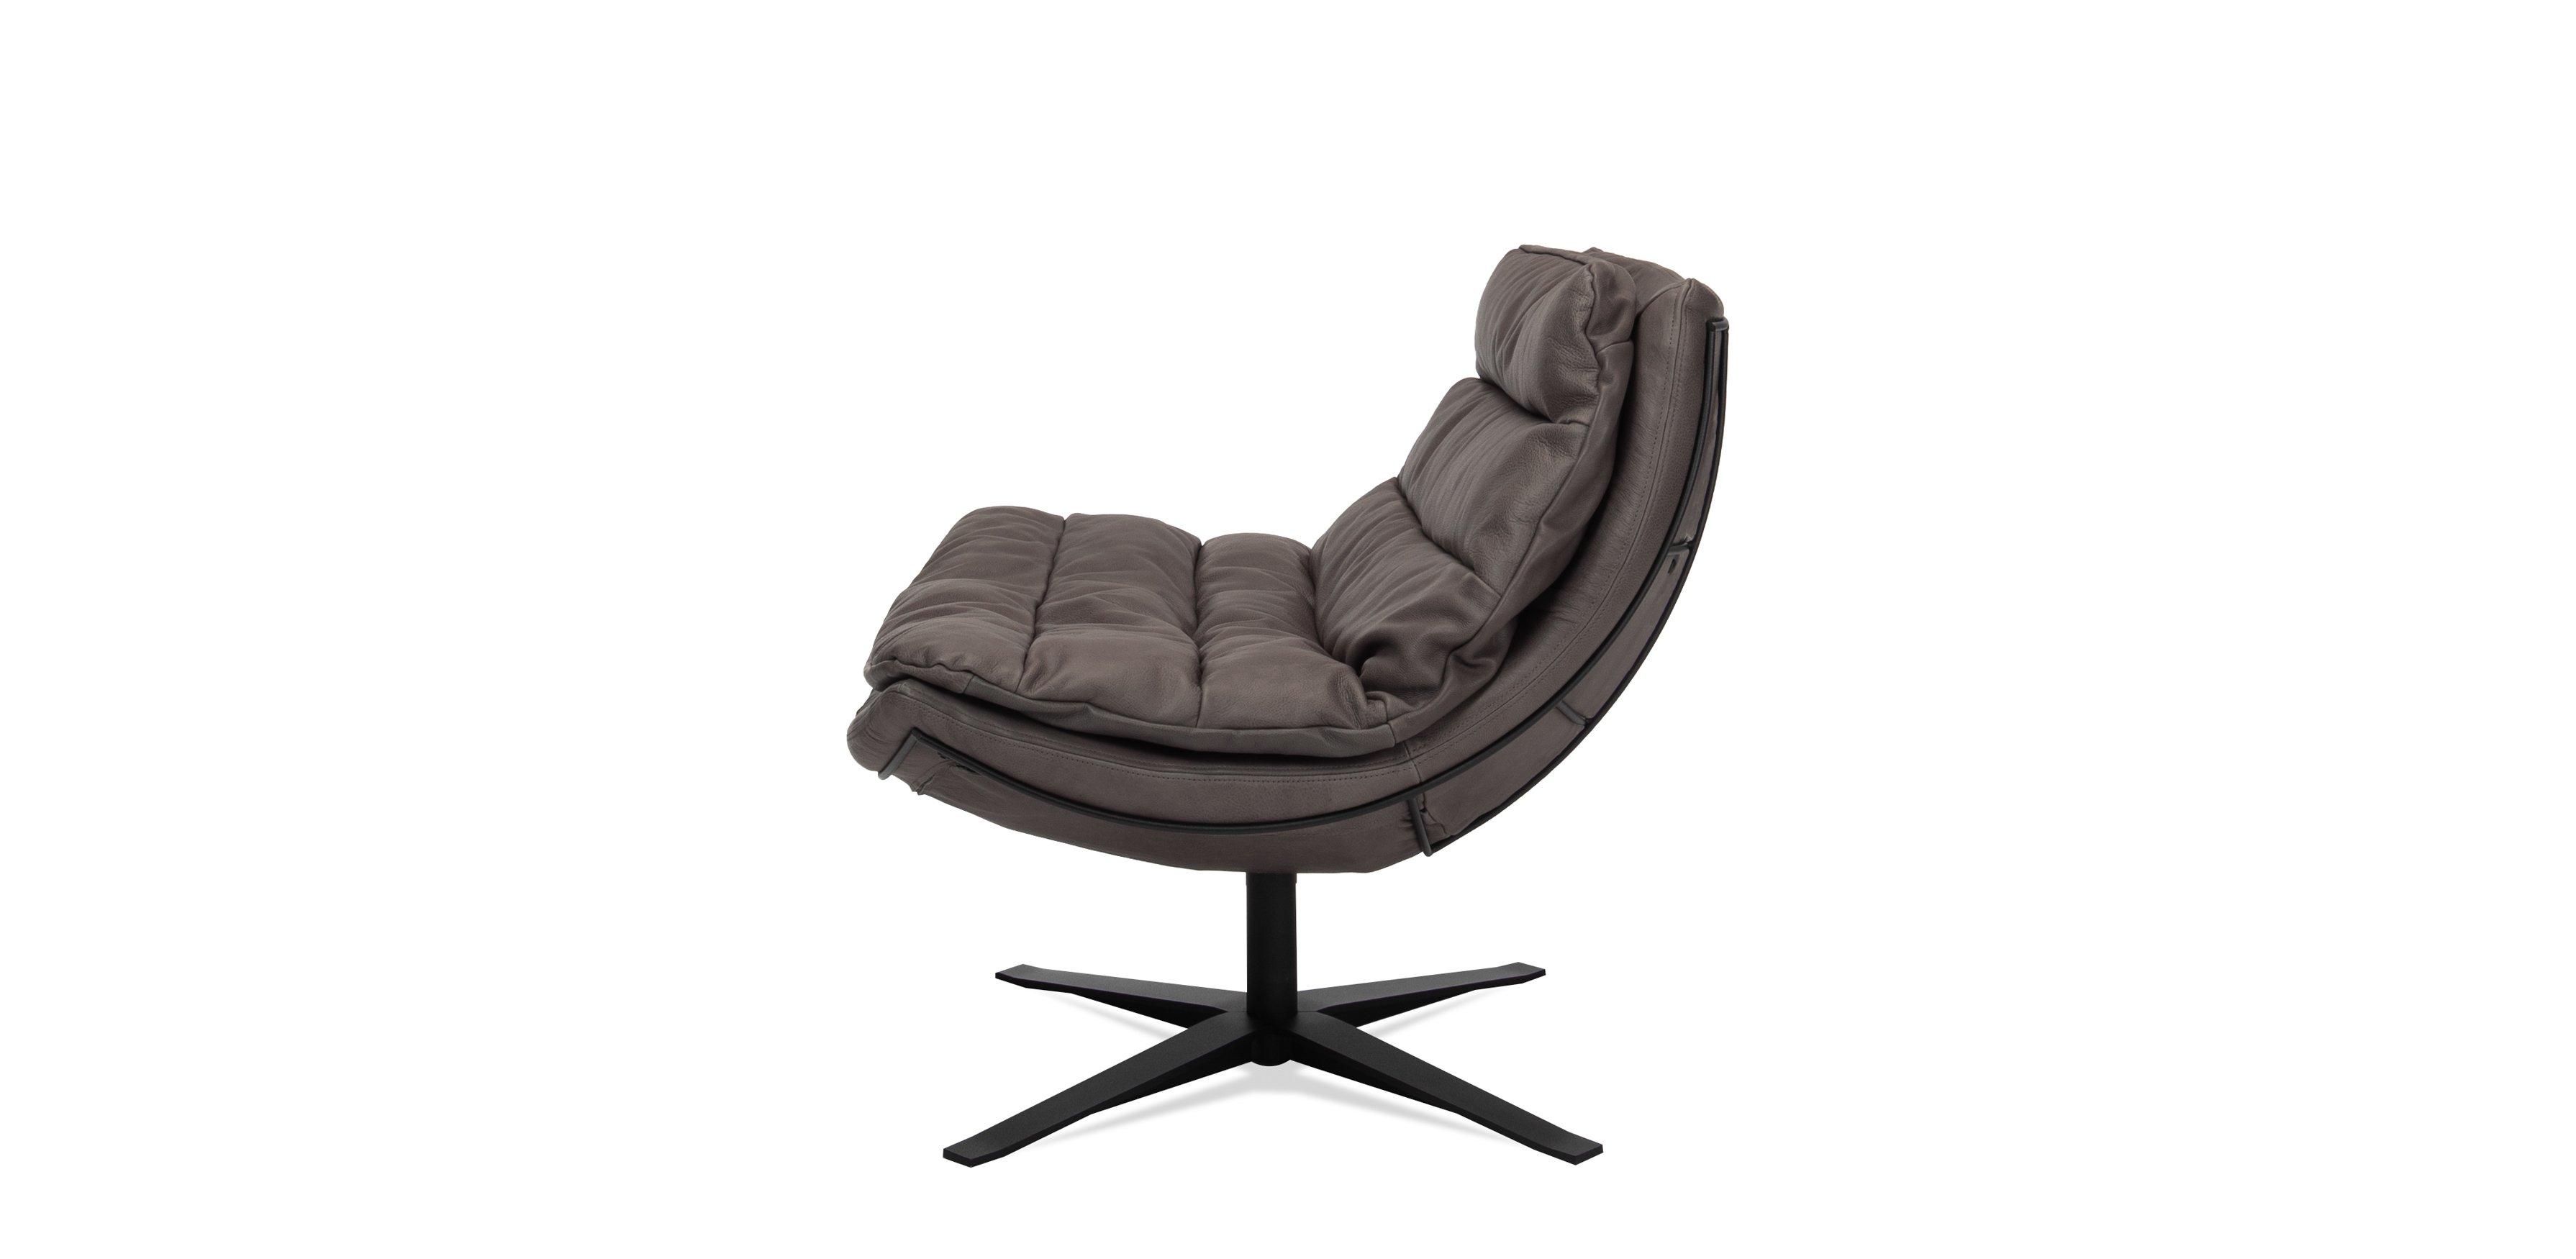 Kameraad fauteuil DYYK 12